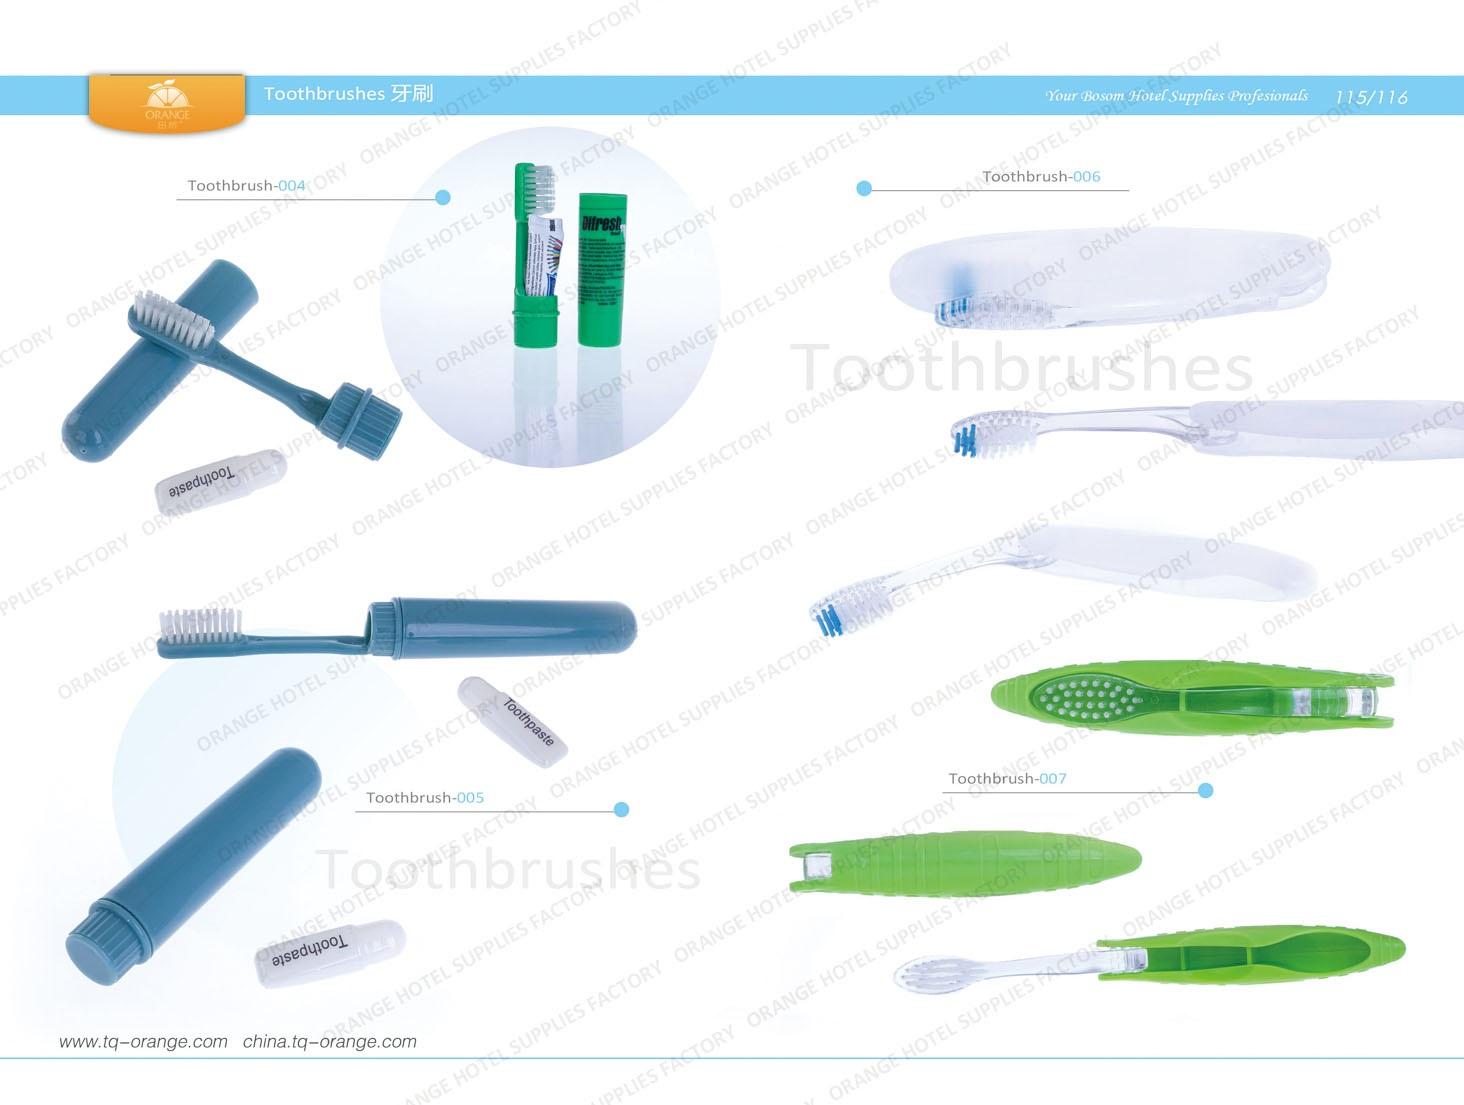 Toothbrush 004~007